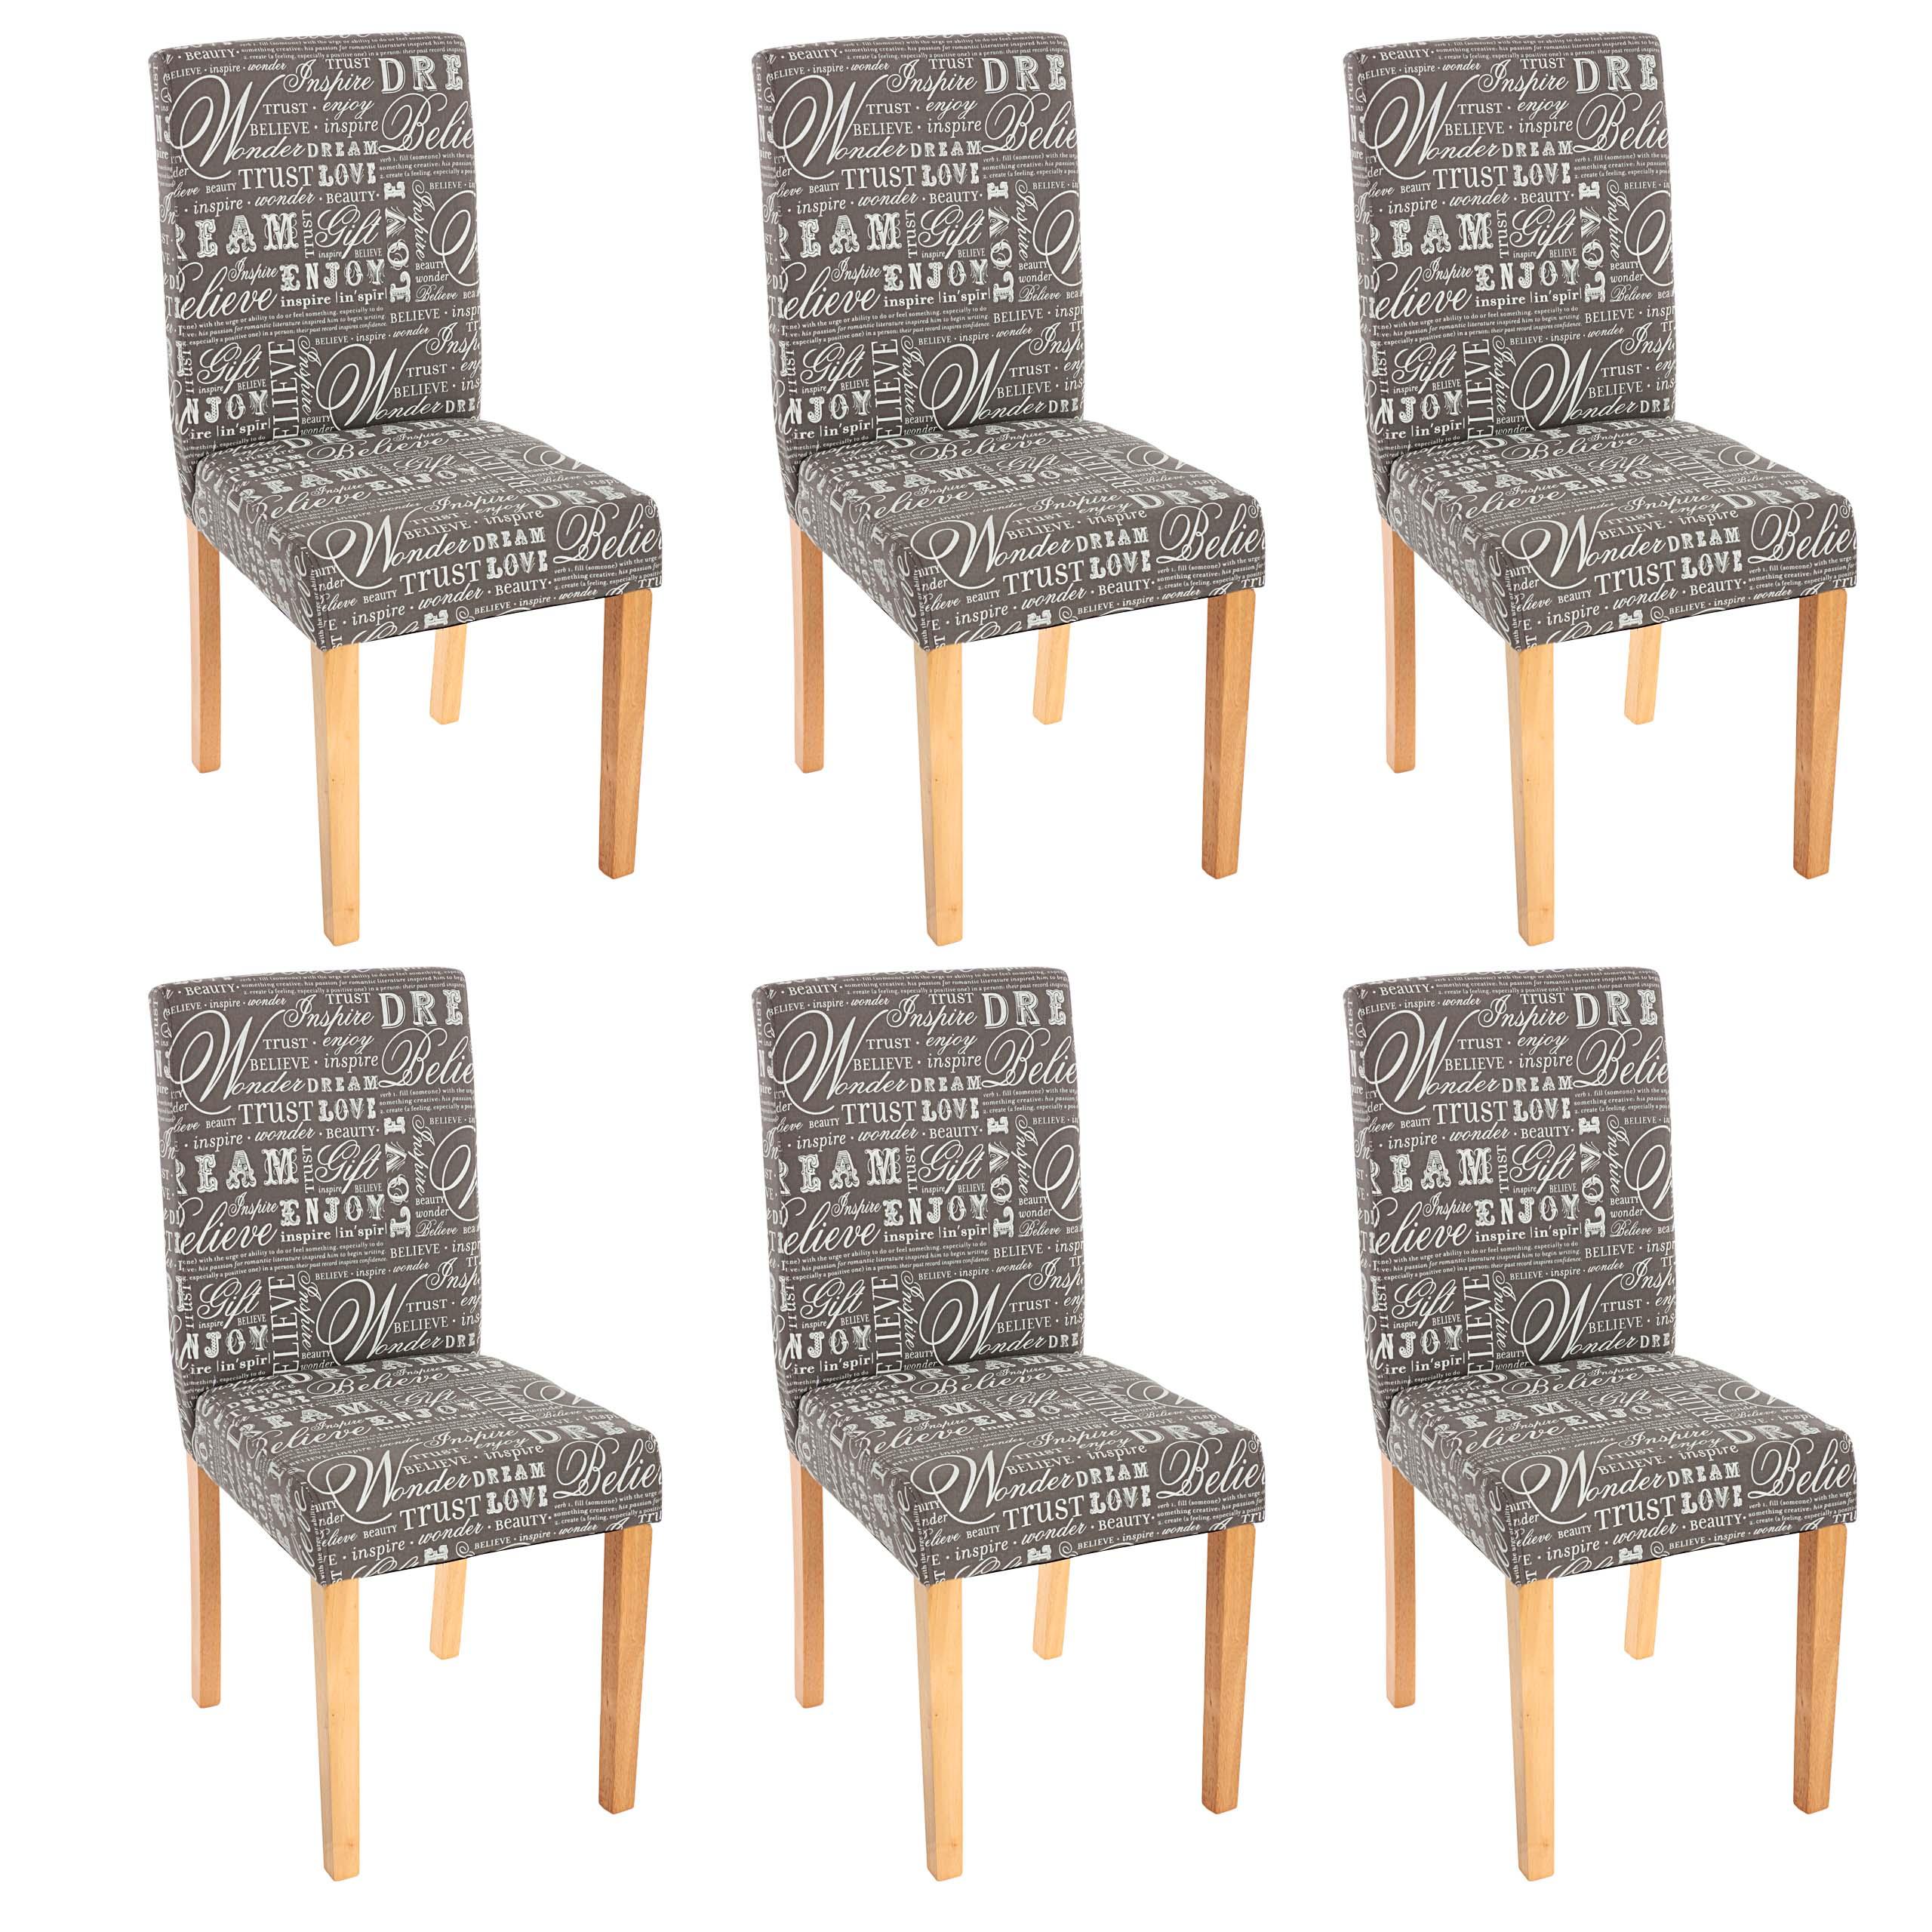 6x esszimmerstuhl stuhl lehnstuhl littau textil mit schriftzug grau helle beine ebay. Black Bedroom Furniture Sets. Home Design Ideas